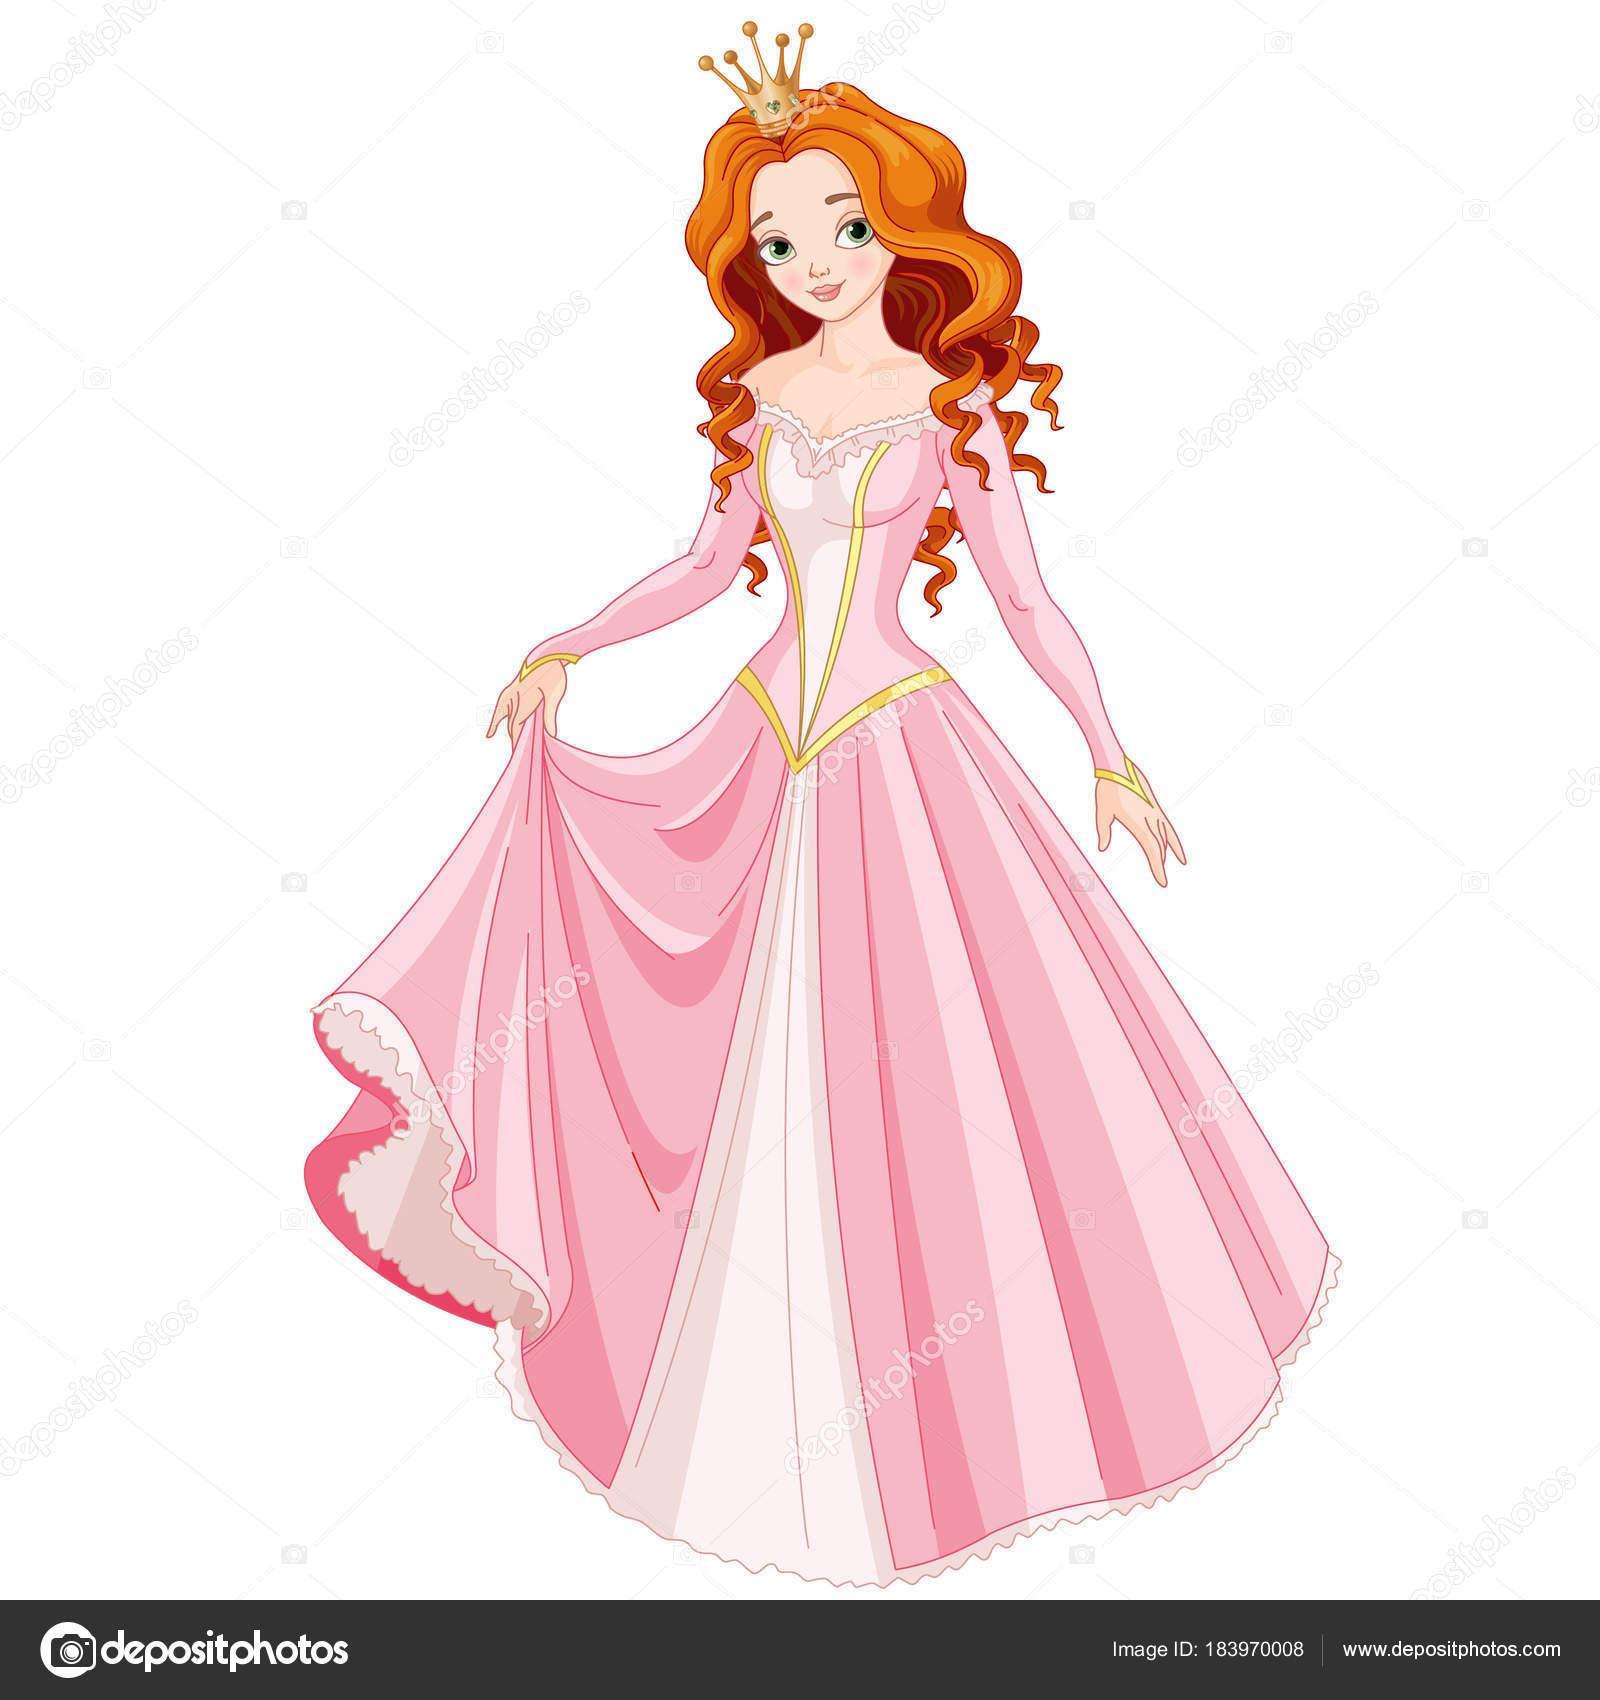 Princesa Bonita Pelirroja Vestida Con Vestido Rosa Tiara Oro ...